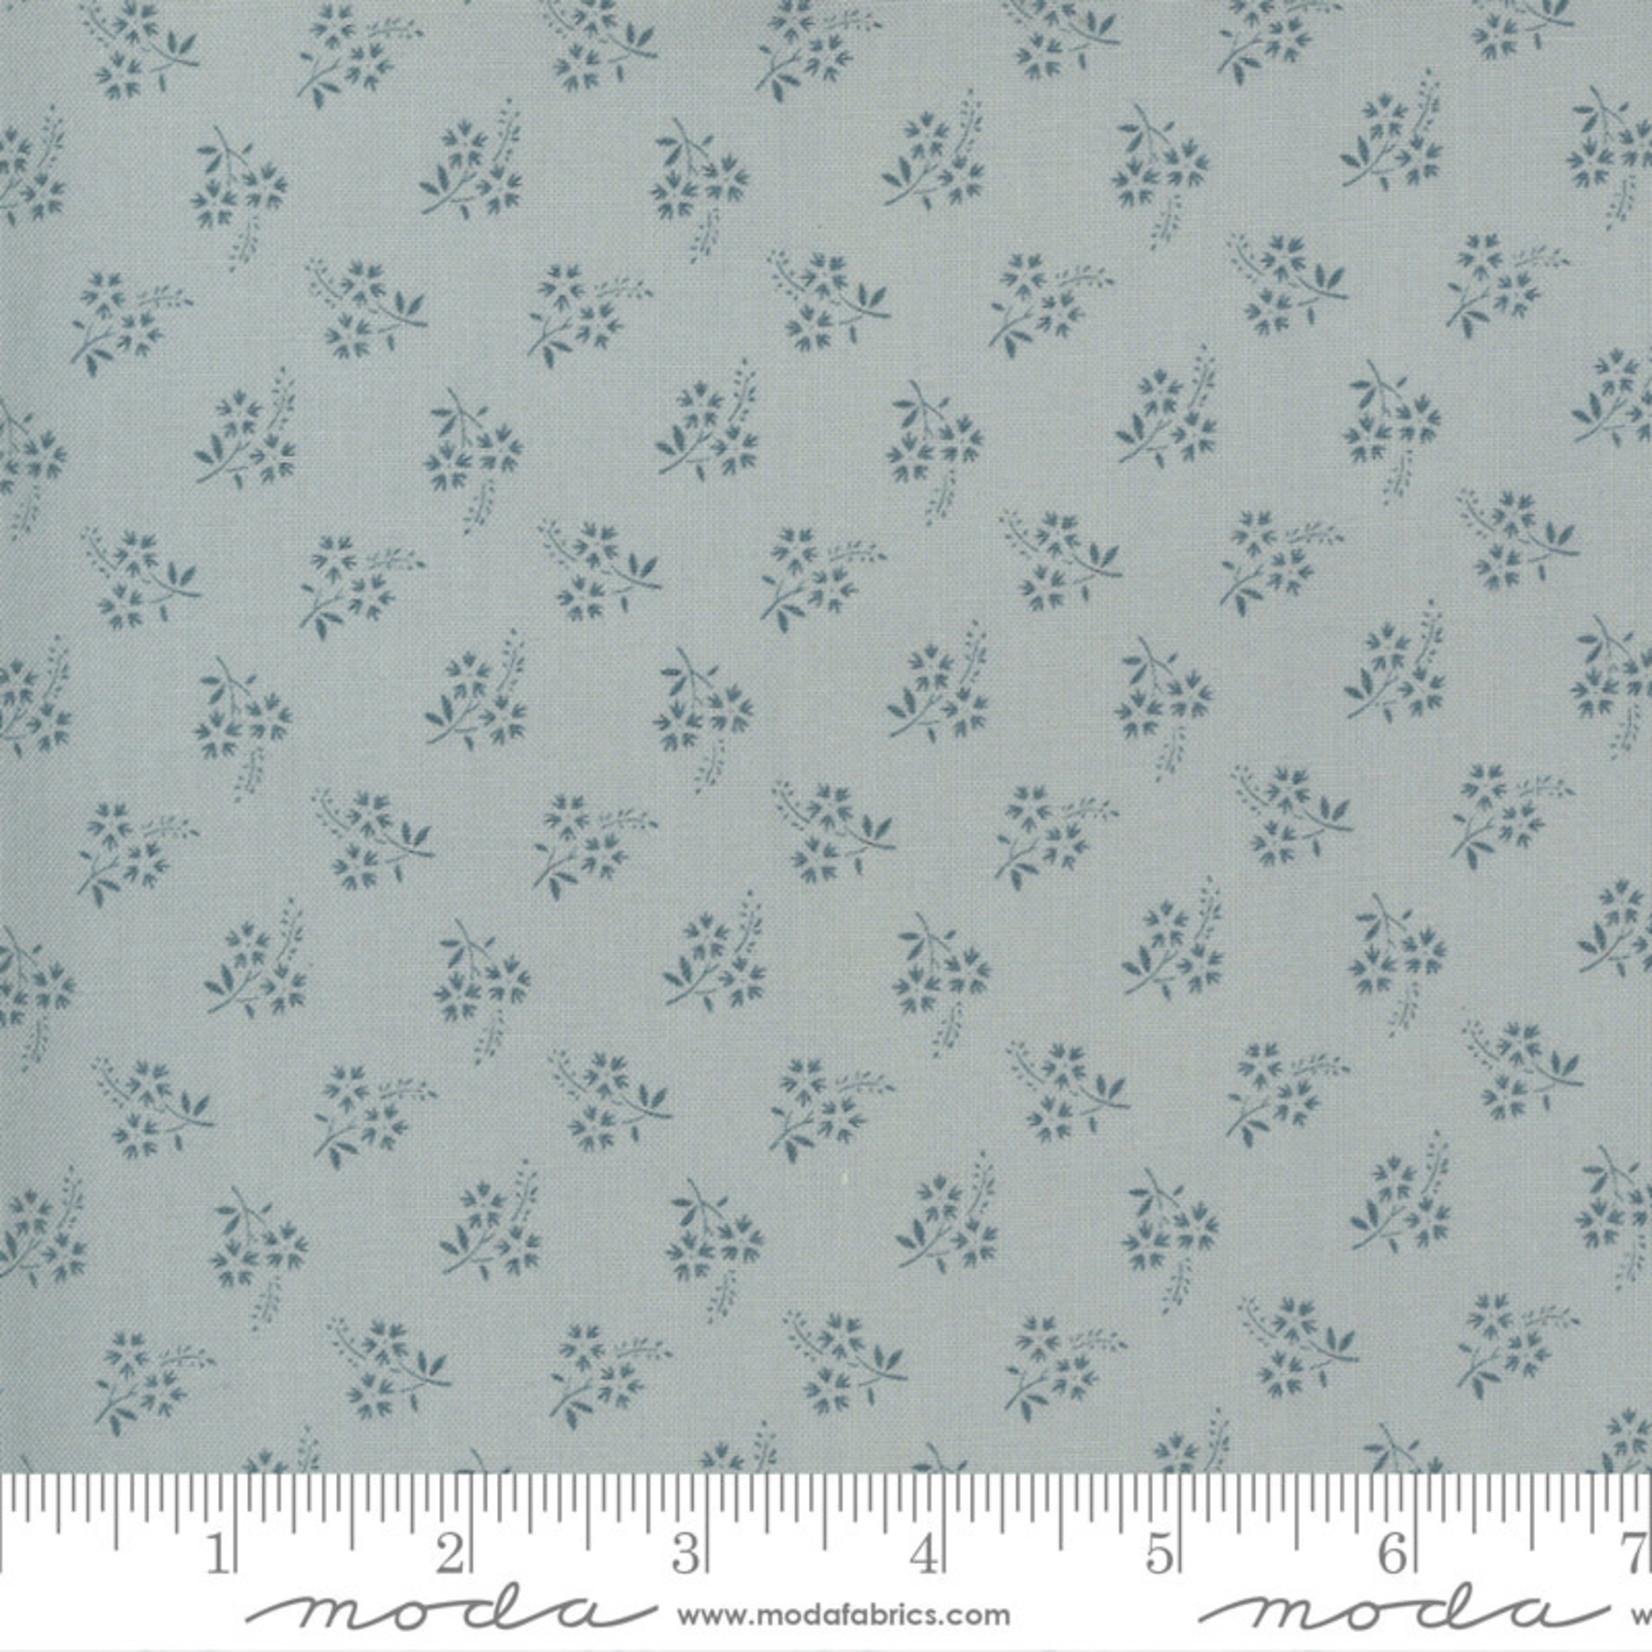 FRENCH GENERAL Jardins De Fleurs, Tuileries, Ciel Blue 13897-19 $0.20 per cm or $20/m